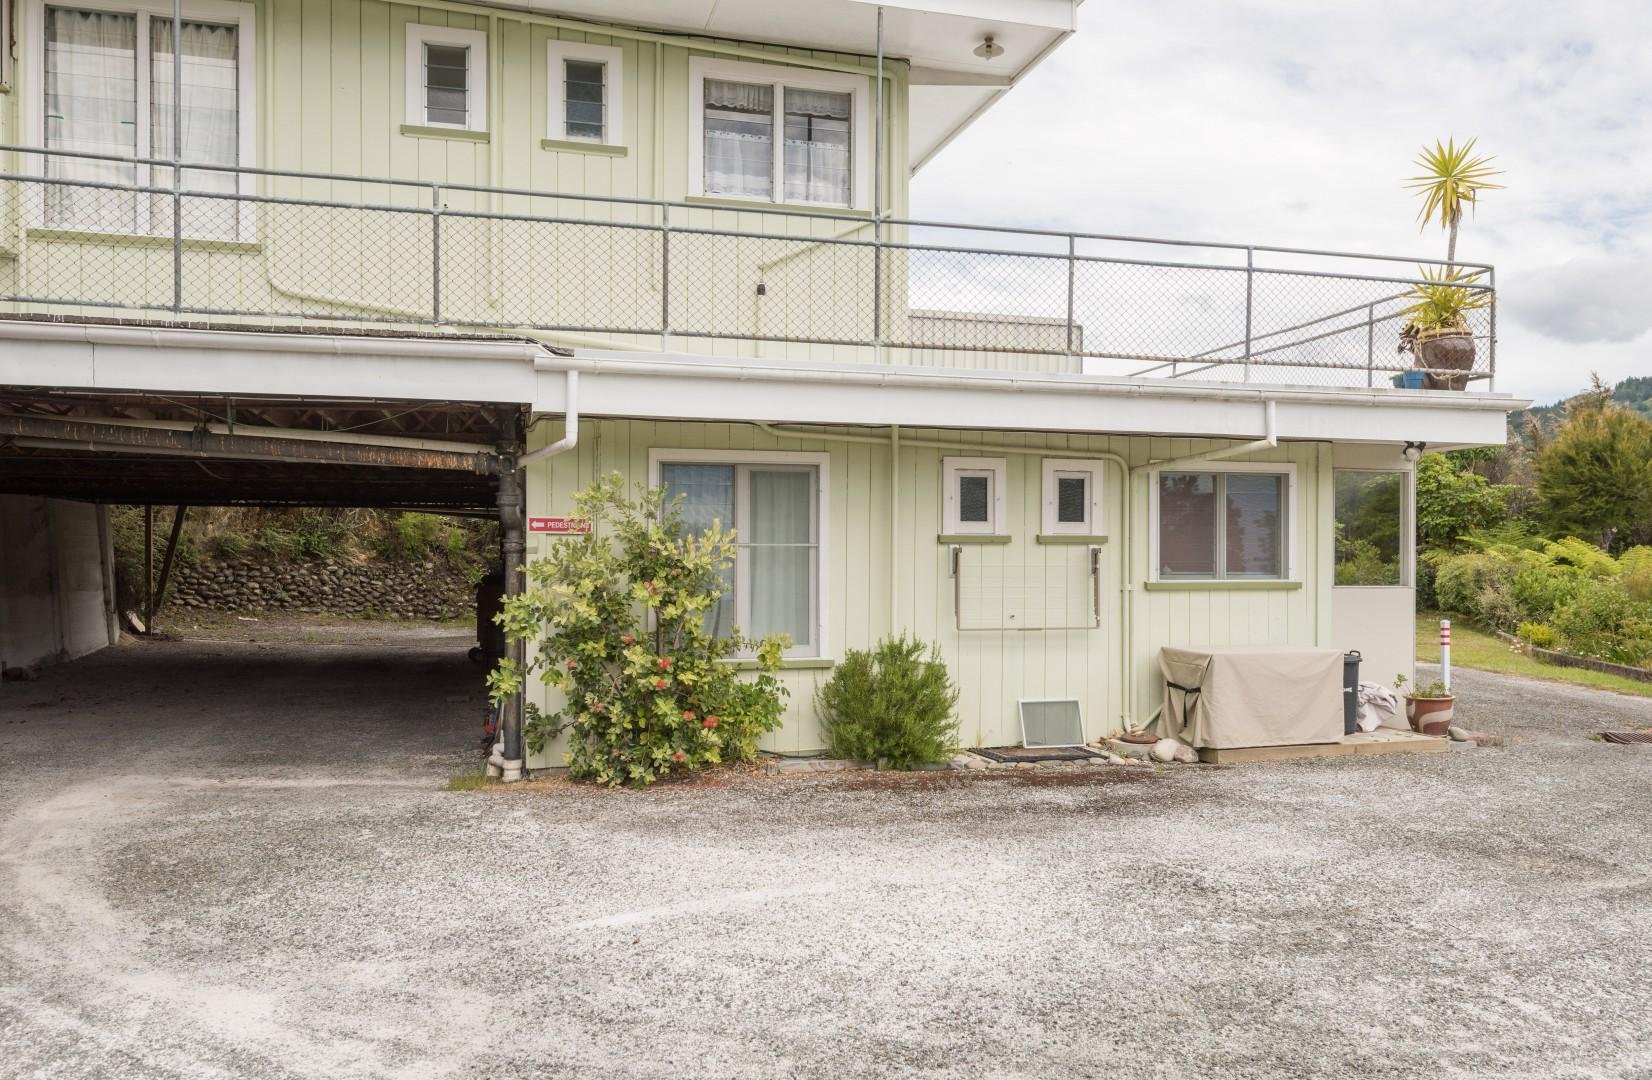 1/483 Riwaka - Kaiteriteri Road, Kaiteriteri #14 -- listing/10923/n-v3.jpeg